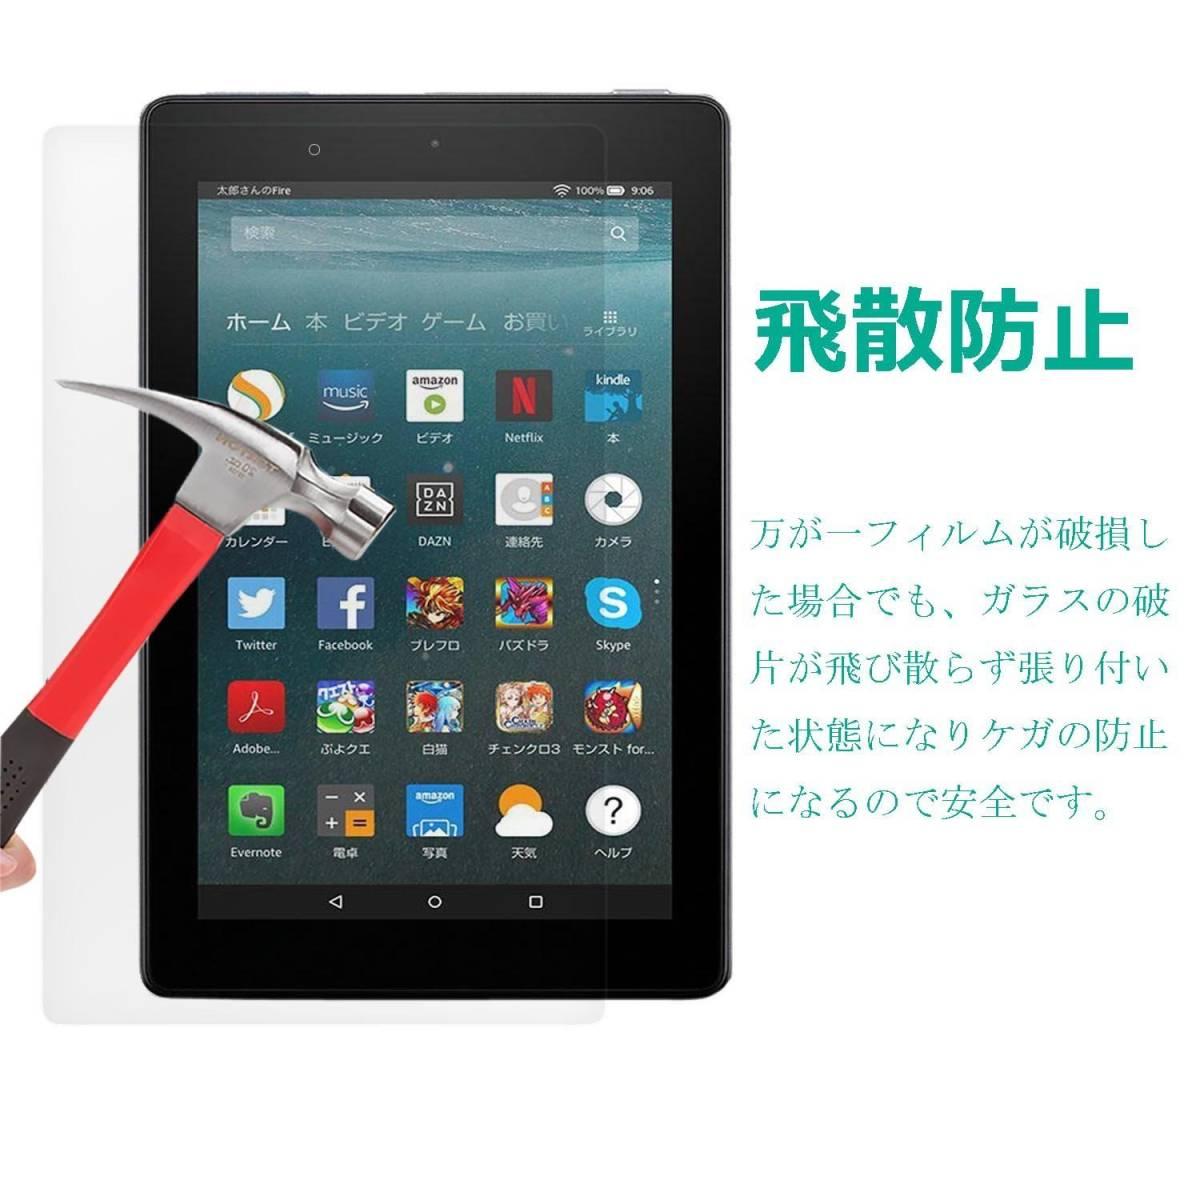 【3枚】ホームボタンのある iPad Pro 9.7 / Air2 / Air/ 9.7インチ 用 フィルム 強化ガラス 液晶保護フィルム 高透過率 気泡ゼロ 硬度9H_画像6